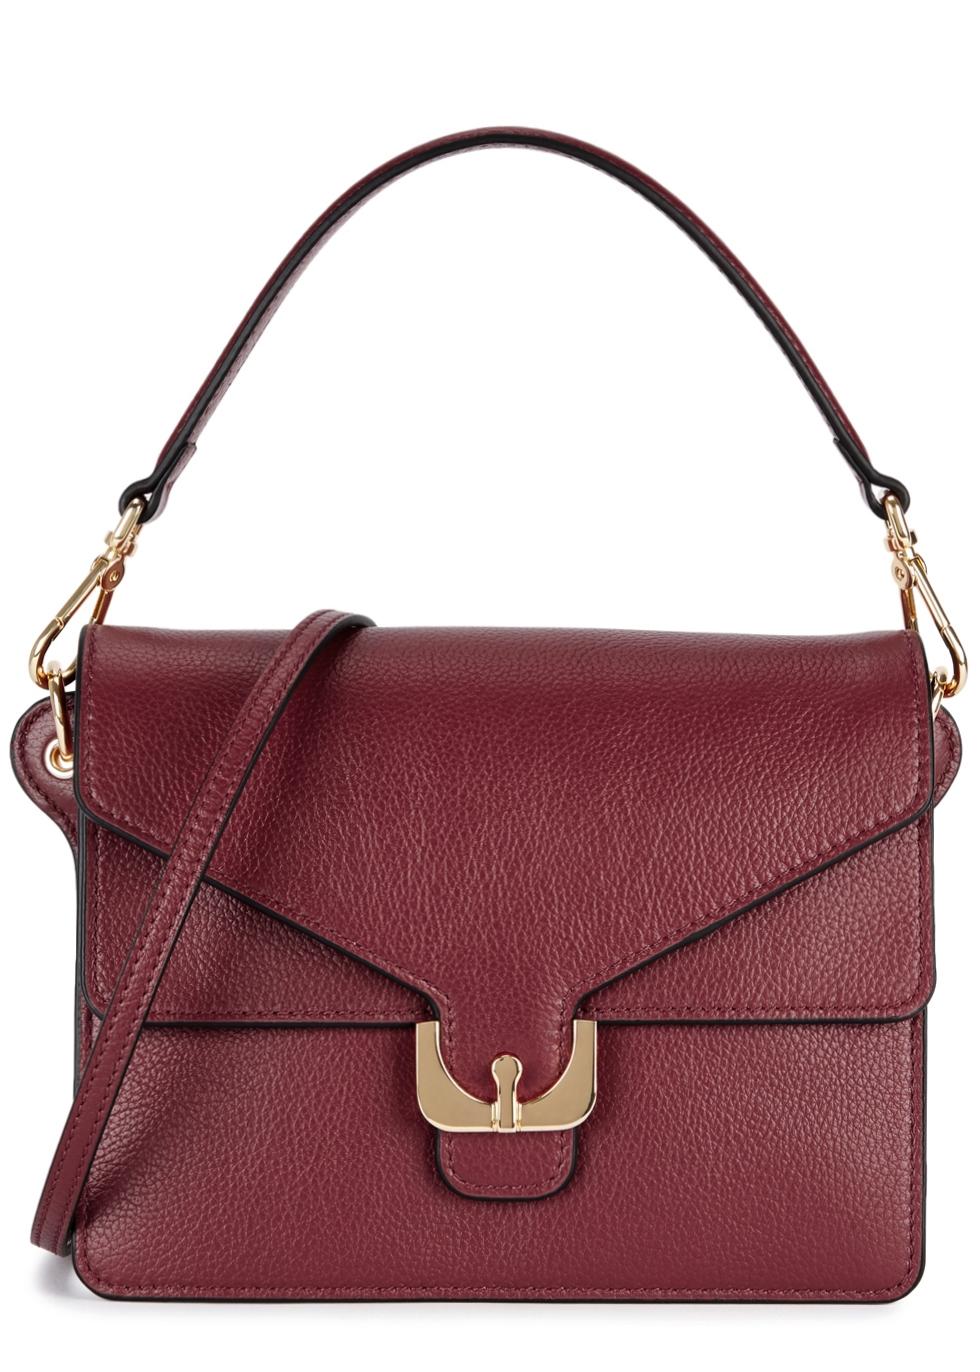 Ambrine Burgundy Leather Shoulder Bag